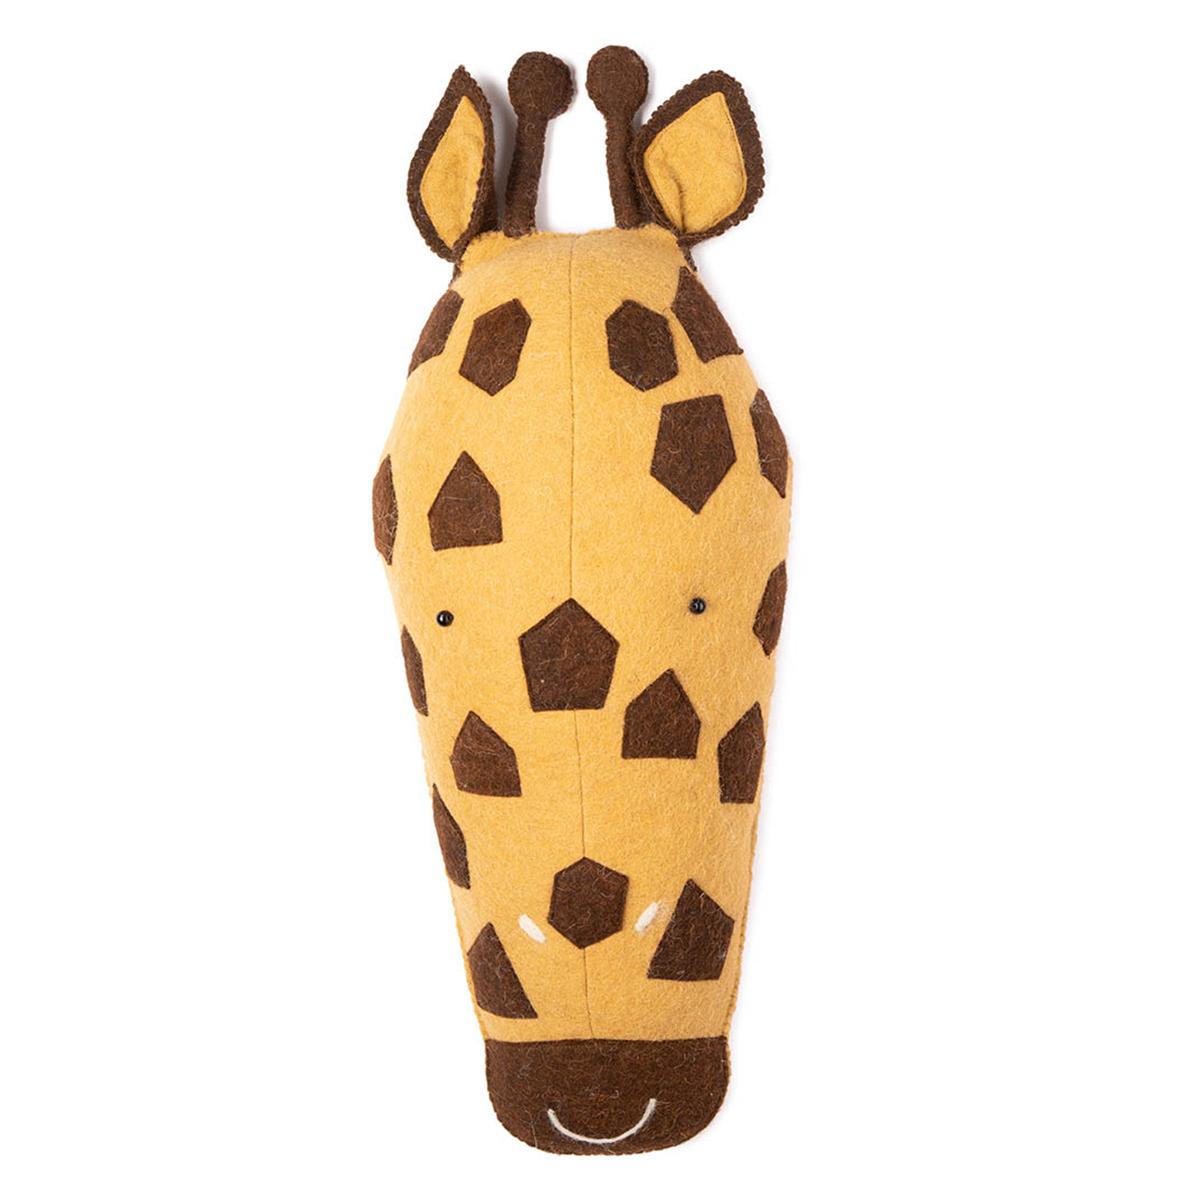 Objet décoration Masque Africain Kaio Girafe Masque Africain Kaio Girafe